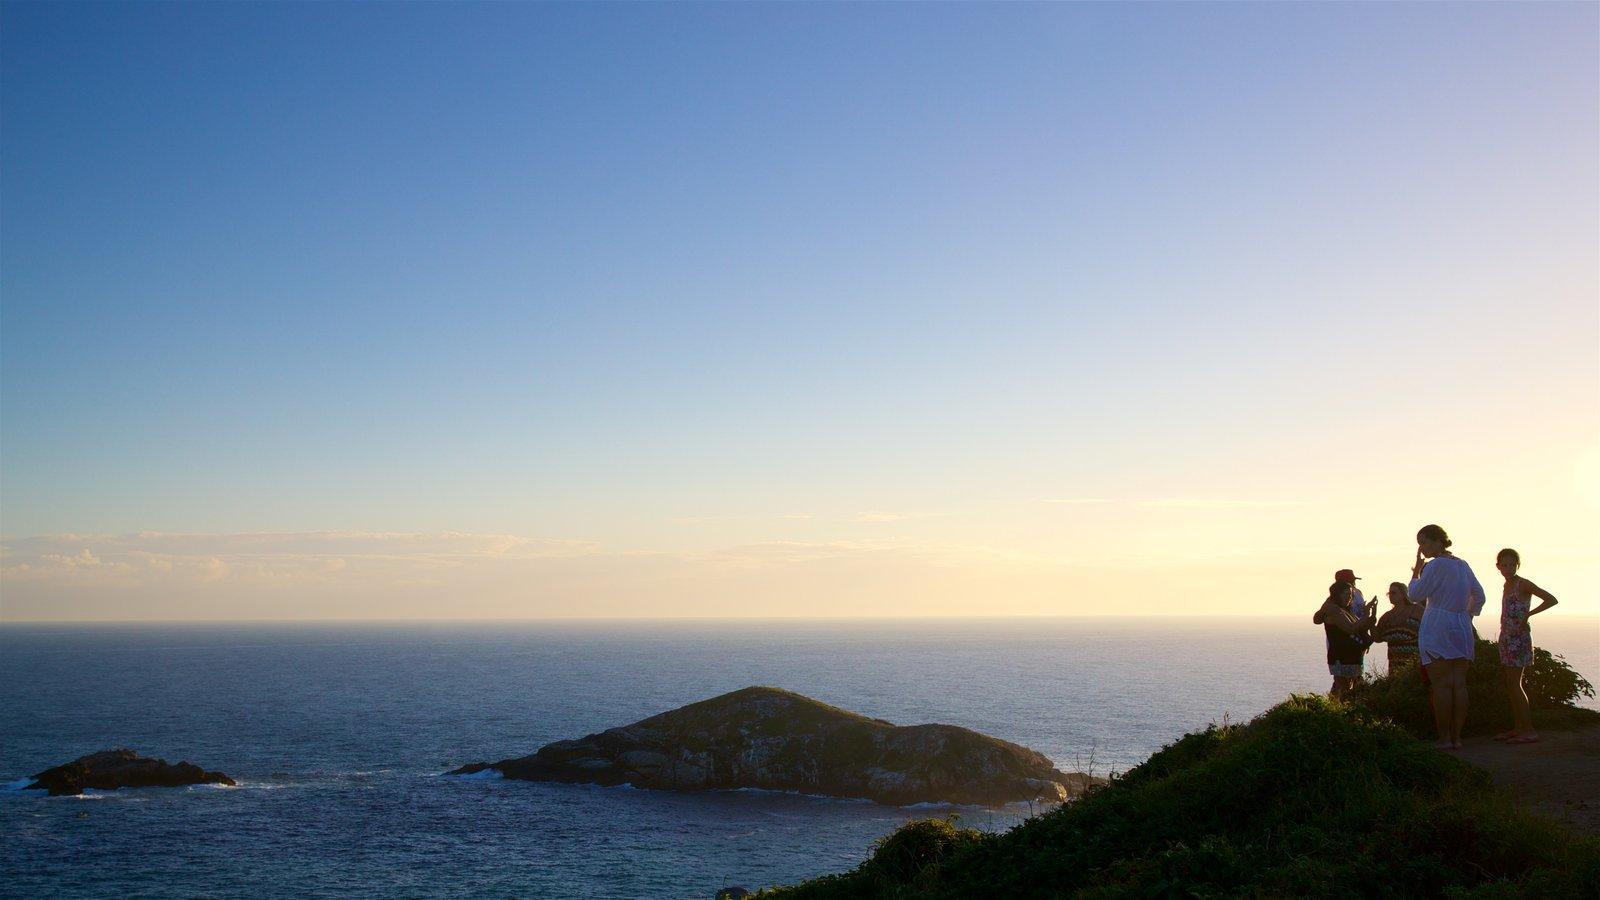 Mirante do Pontal do Atalaia mostrando paisagem, imagens da ilha e paisagens litorâneas